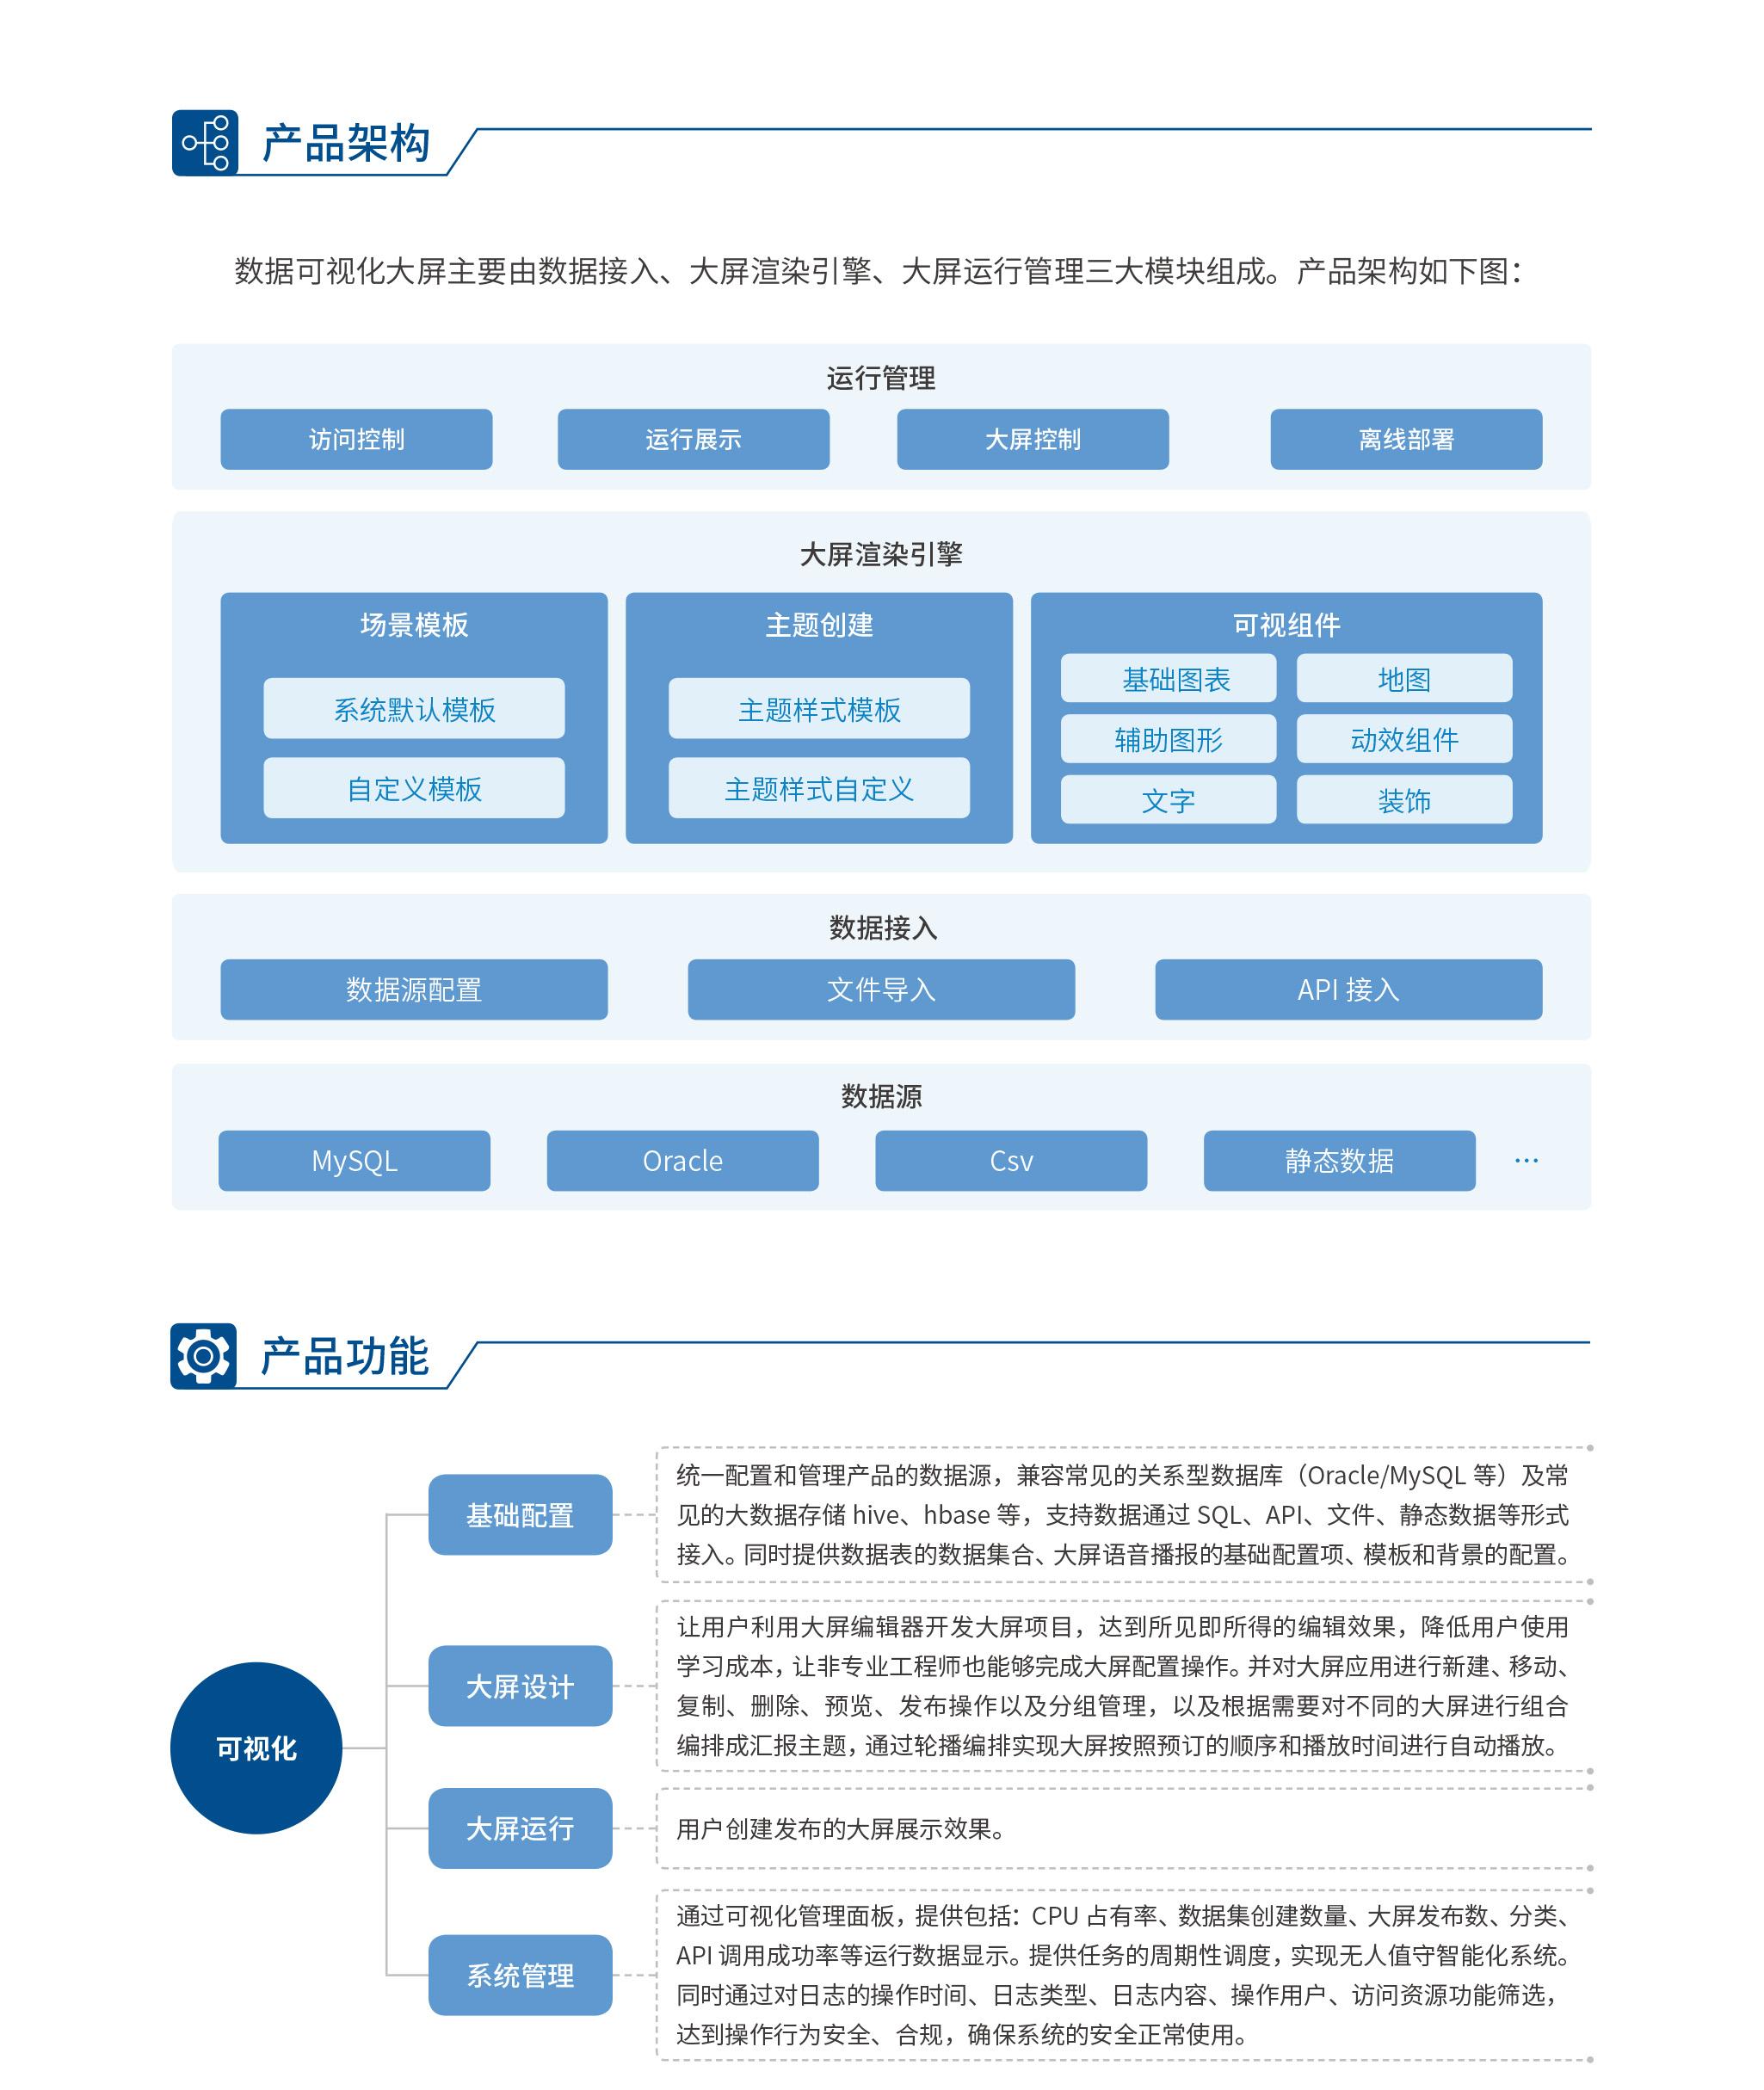 飞瞰可视化大屏平台-2.jpg